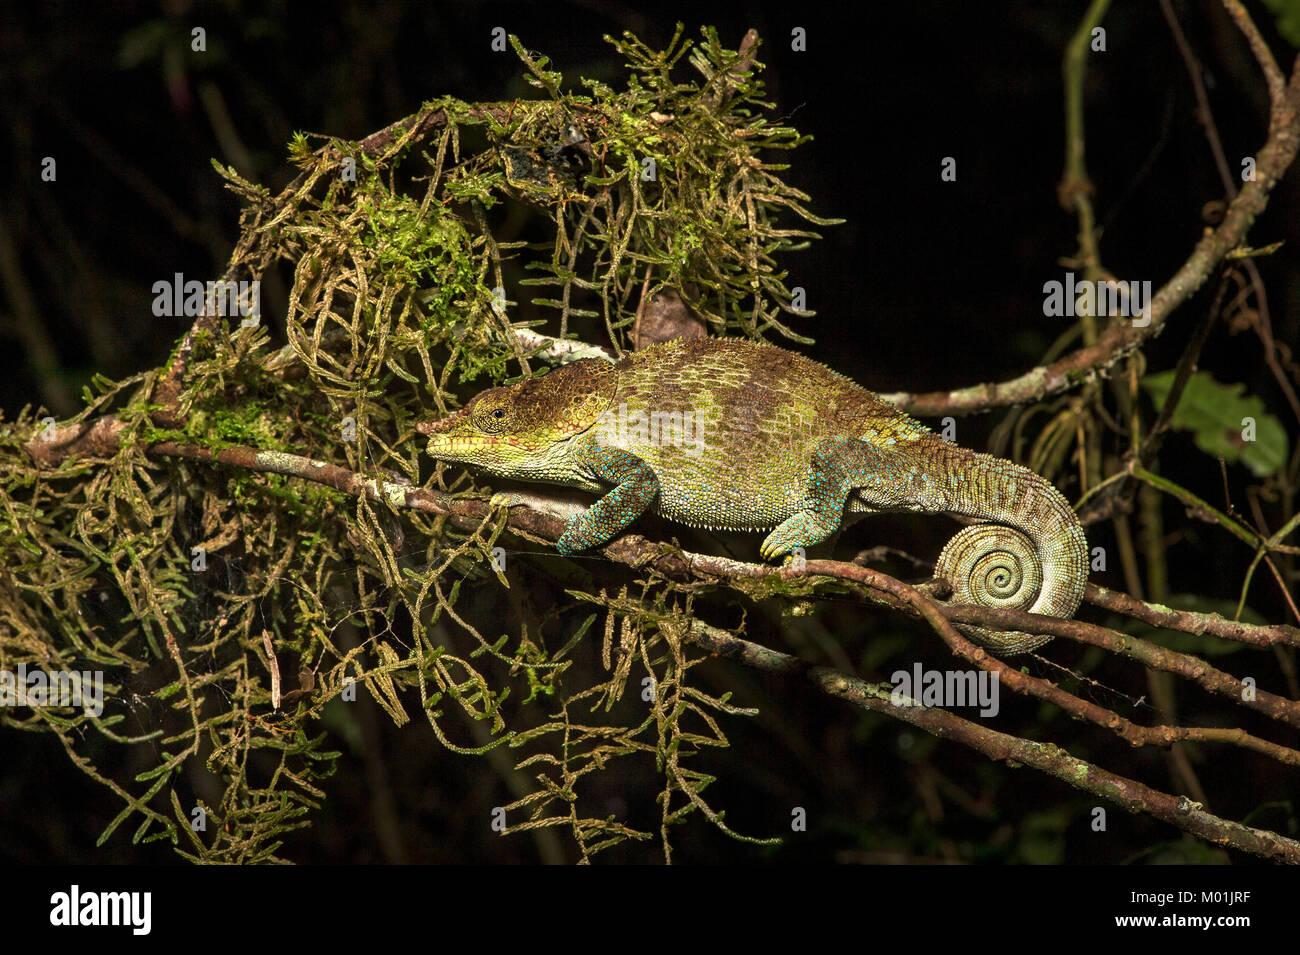 Cryptic Chameleon (Calumma crypticus), (Chameleonidae), endemic to Madagascar, Anjozorobe Nationalpark, Madagascar - Stock Image